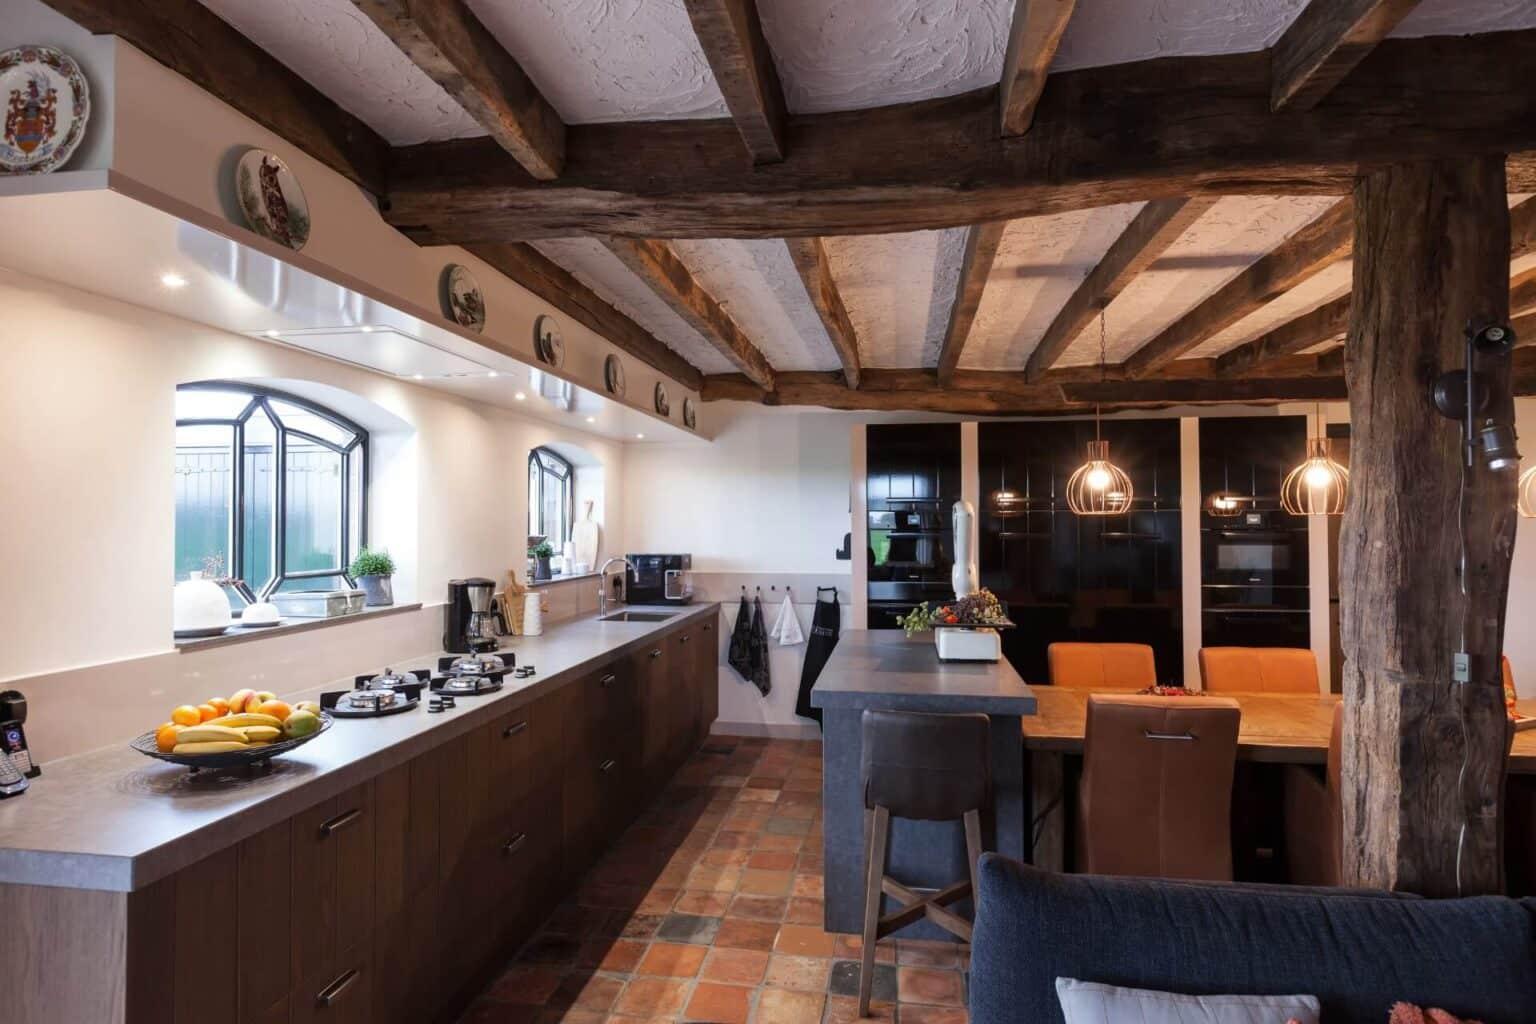 houten landelijke keuken 24 1536x1024 1